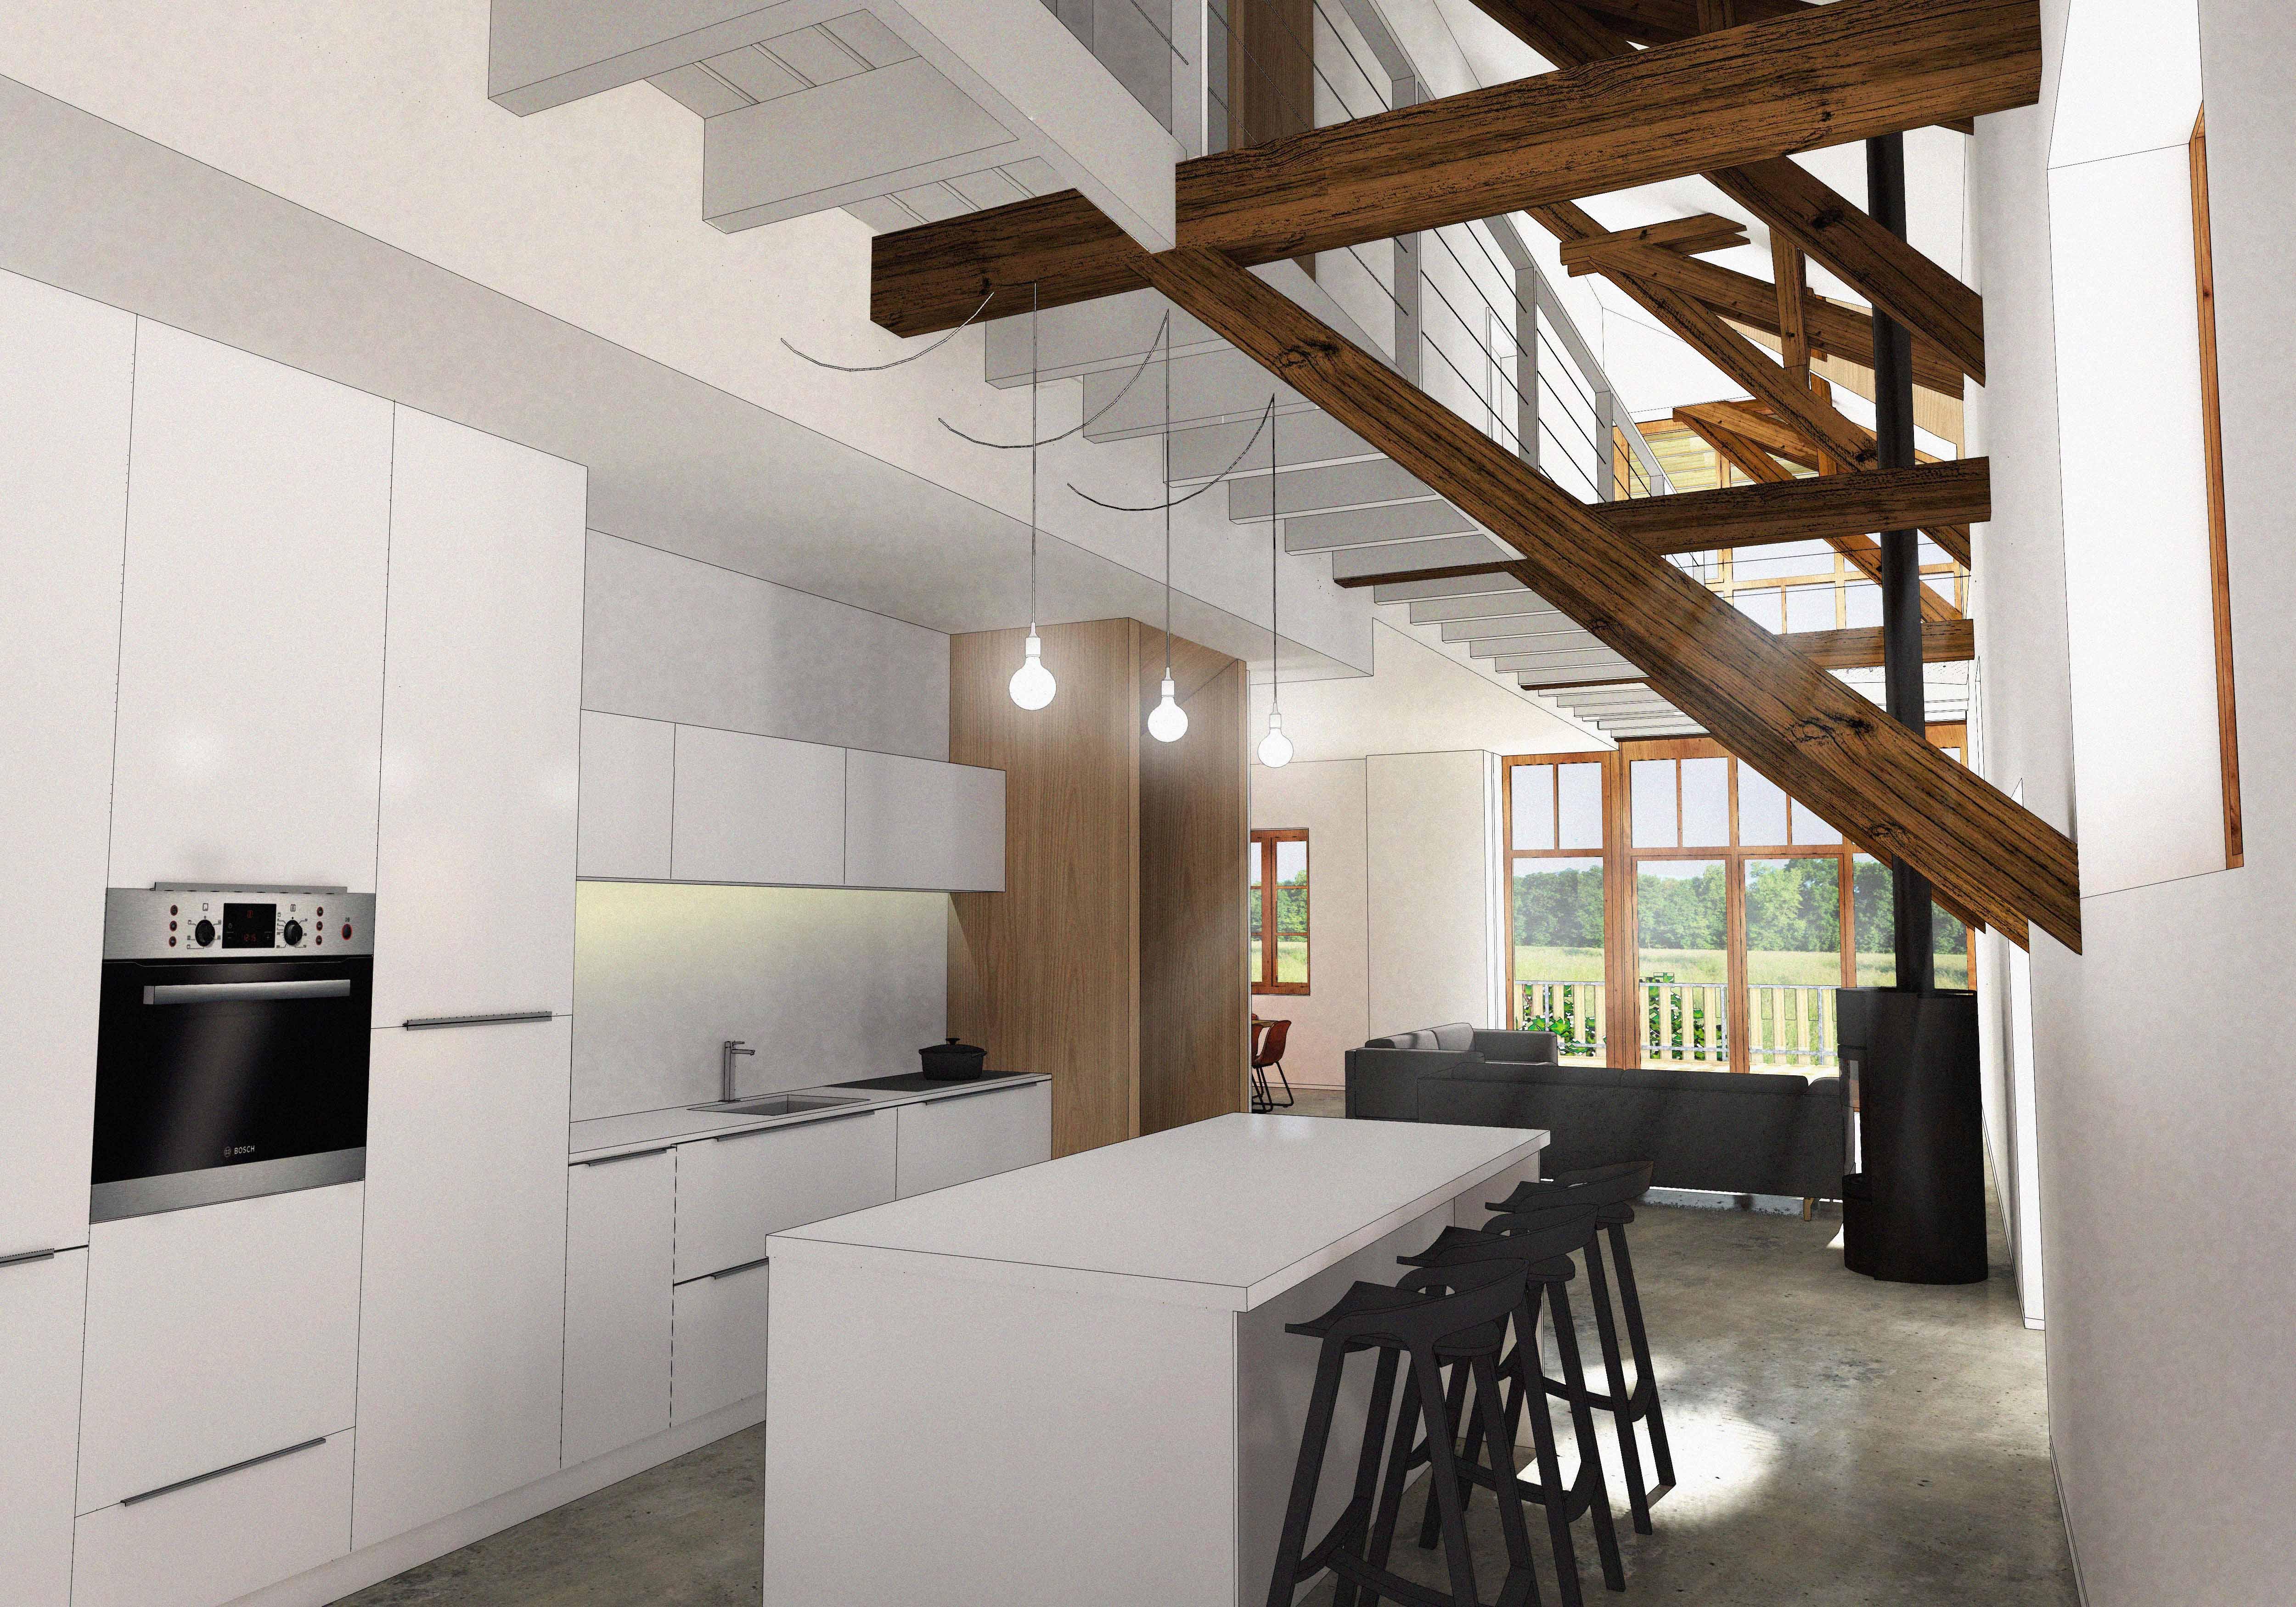 rnovation grange architecte renovation grange mouzeil rnovation grange rnovation architecte. Black Bedroom Furniture Sets. Home Design Ideas